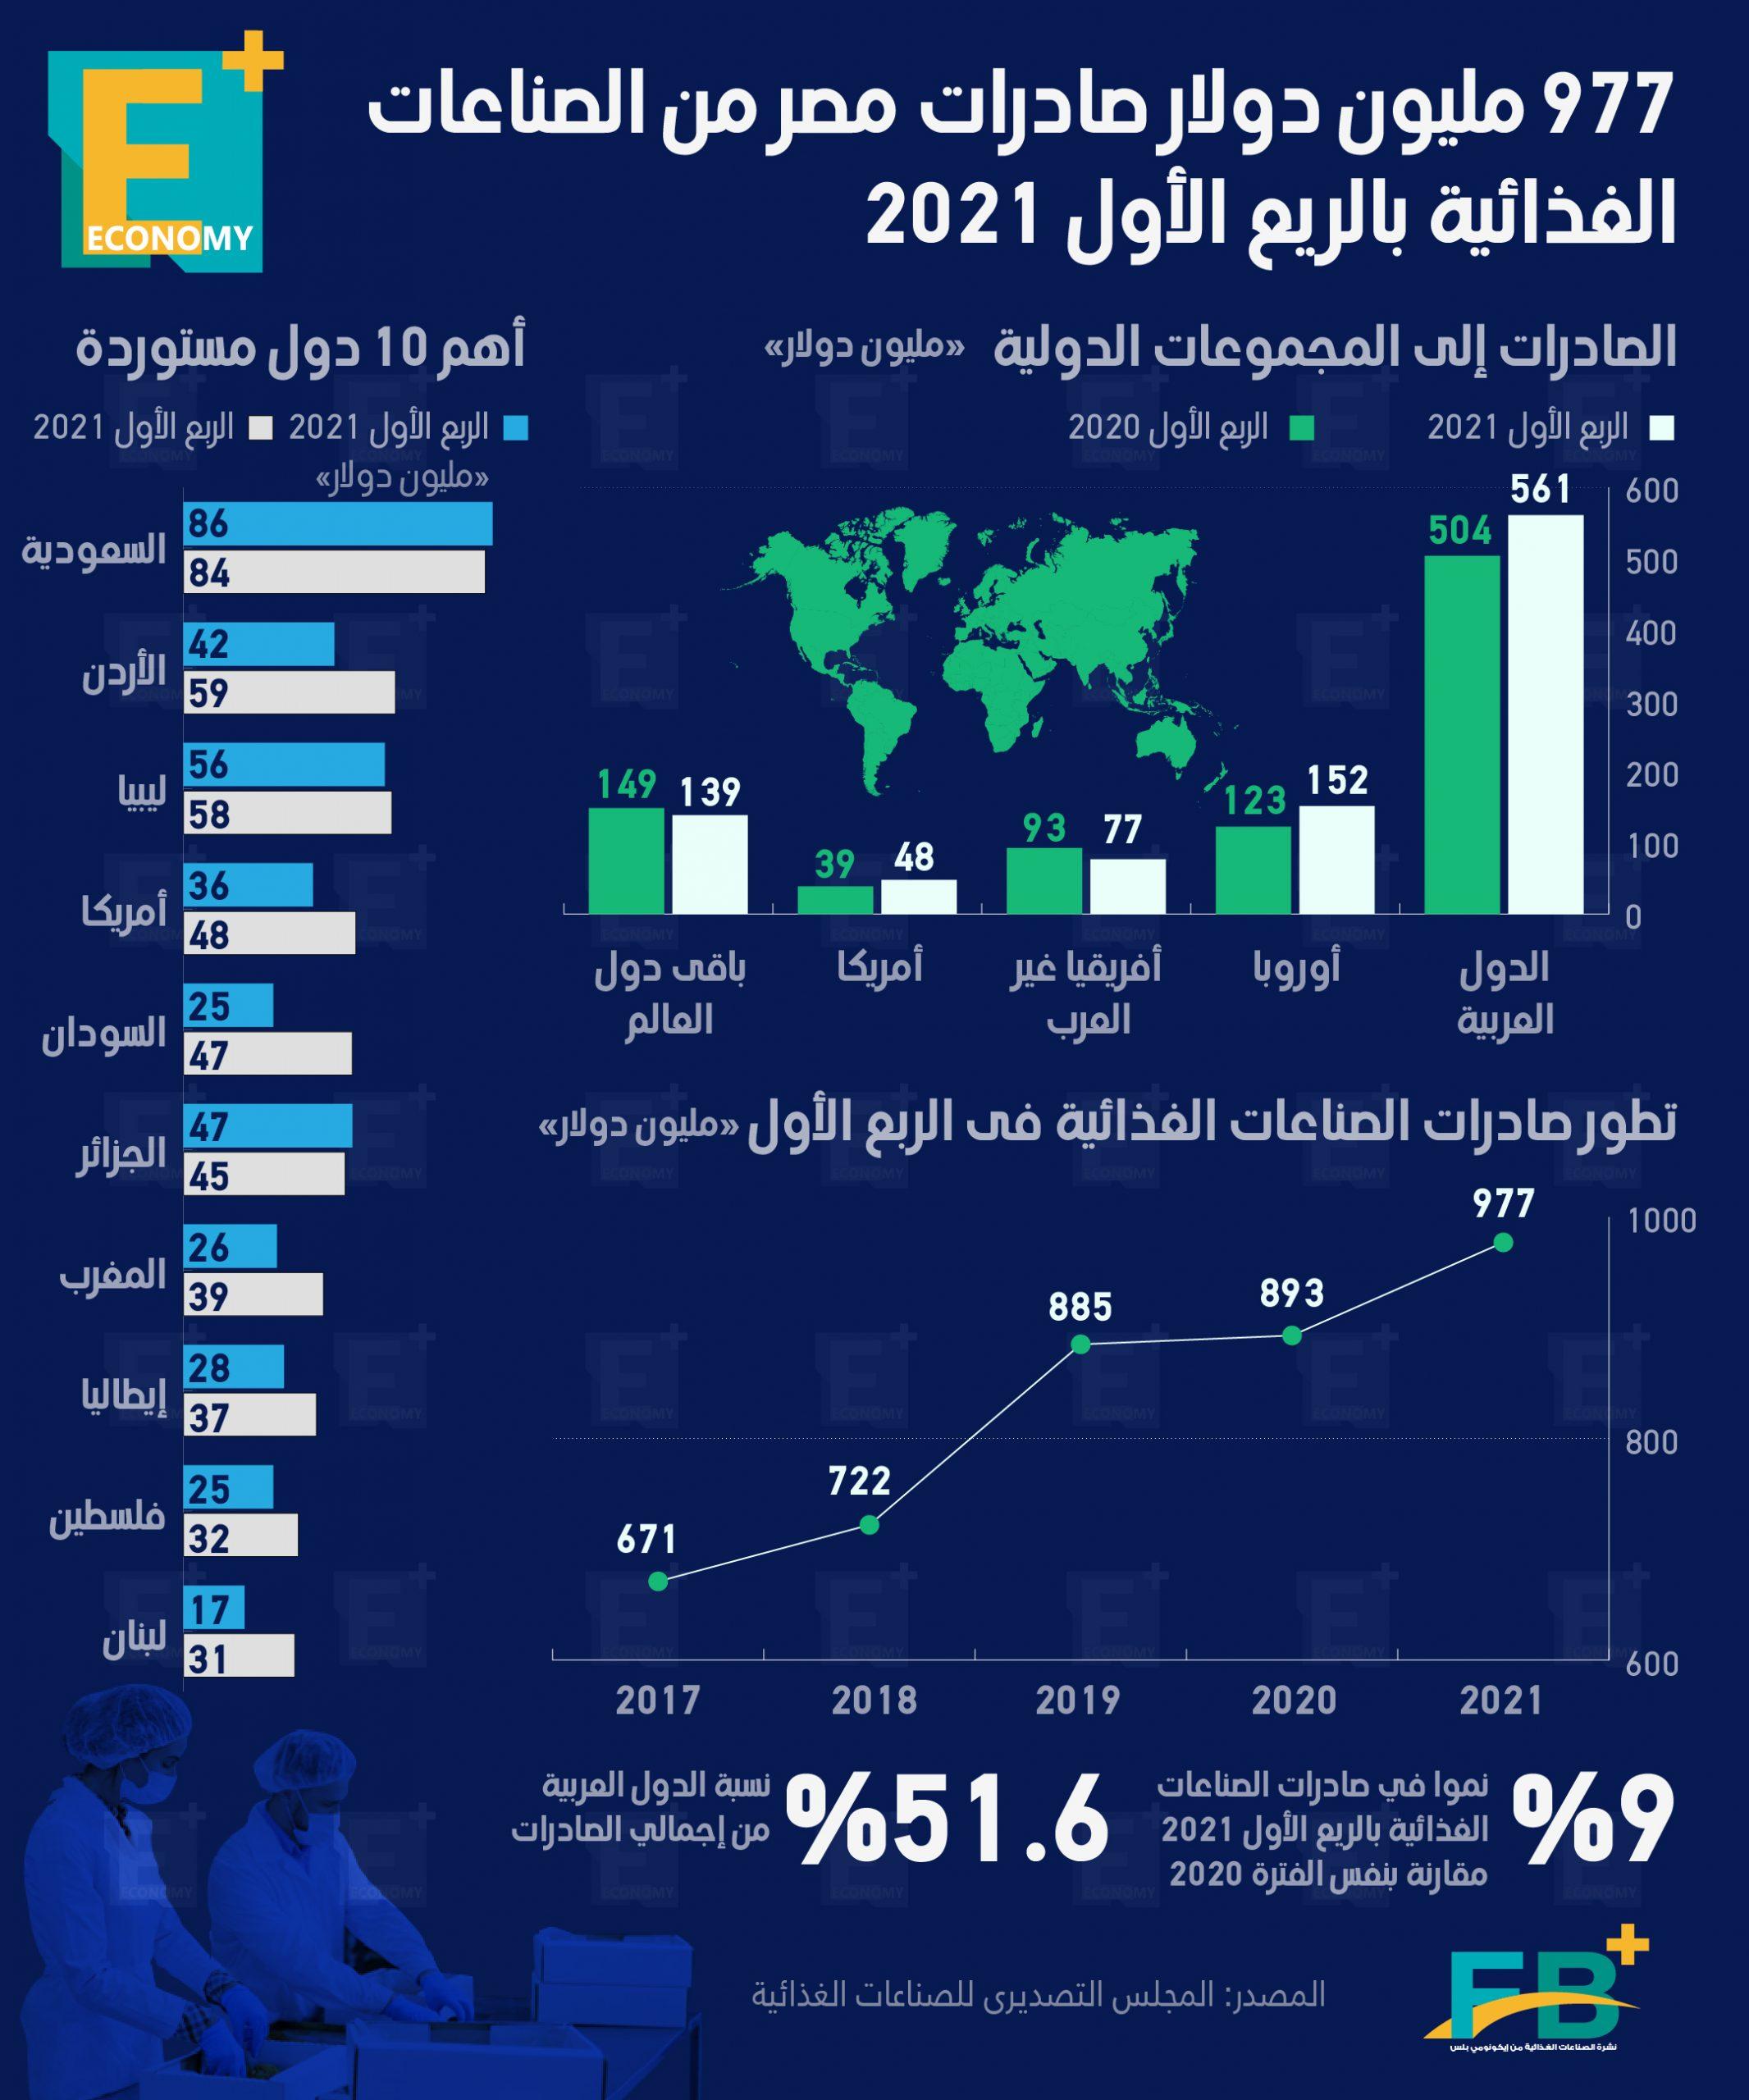 977 مليون دولار صادرات مصر من الصناعات الغذائية بالربع الأول من 2021